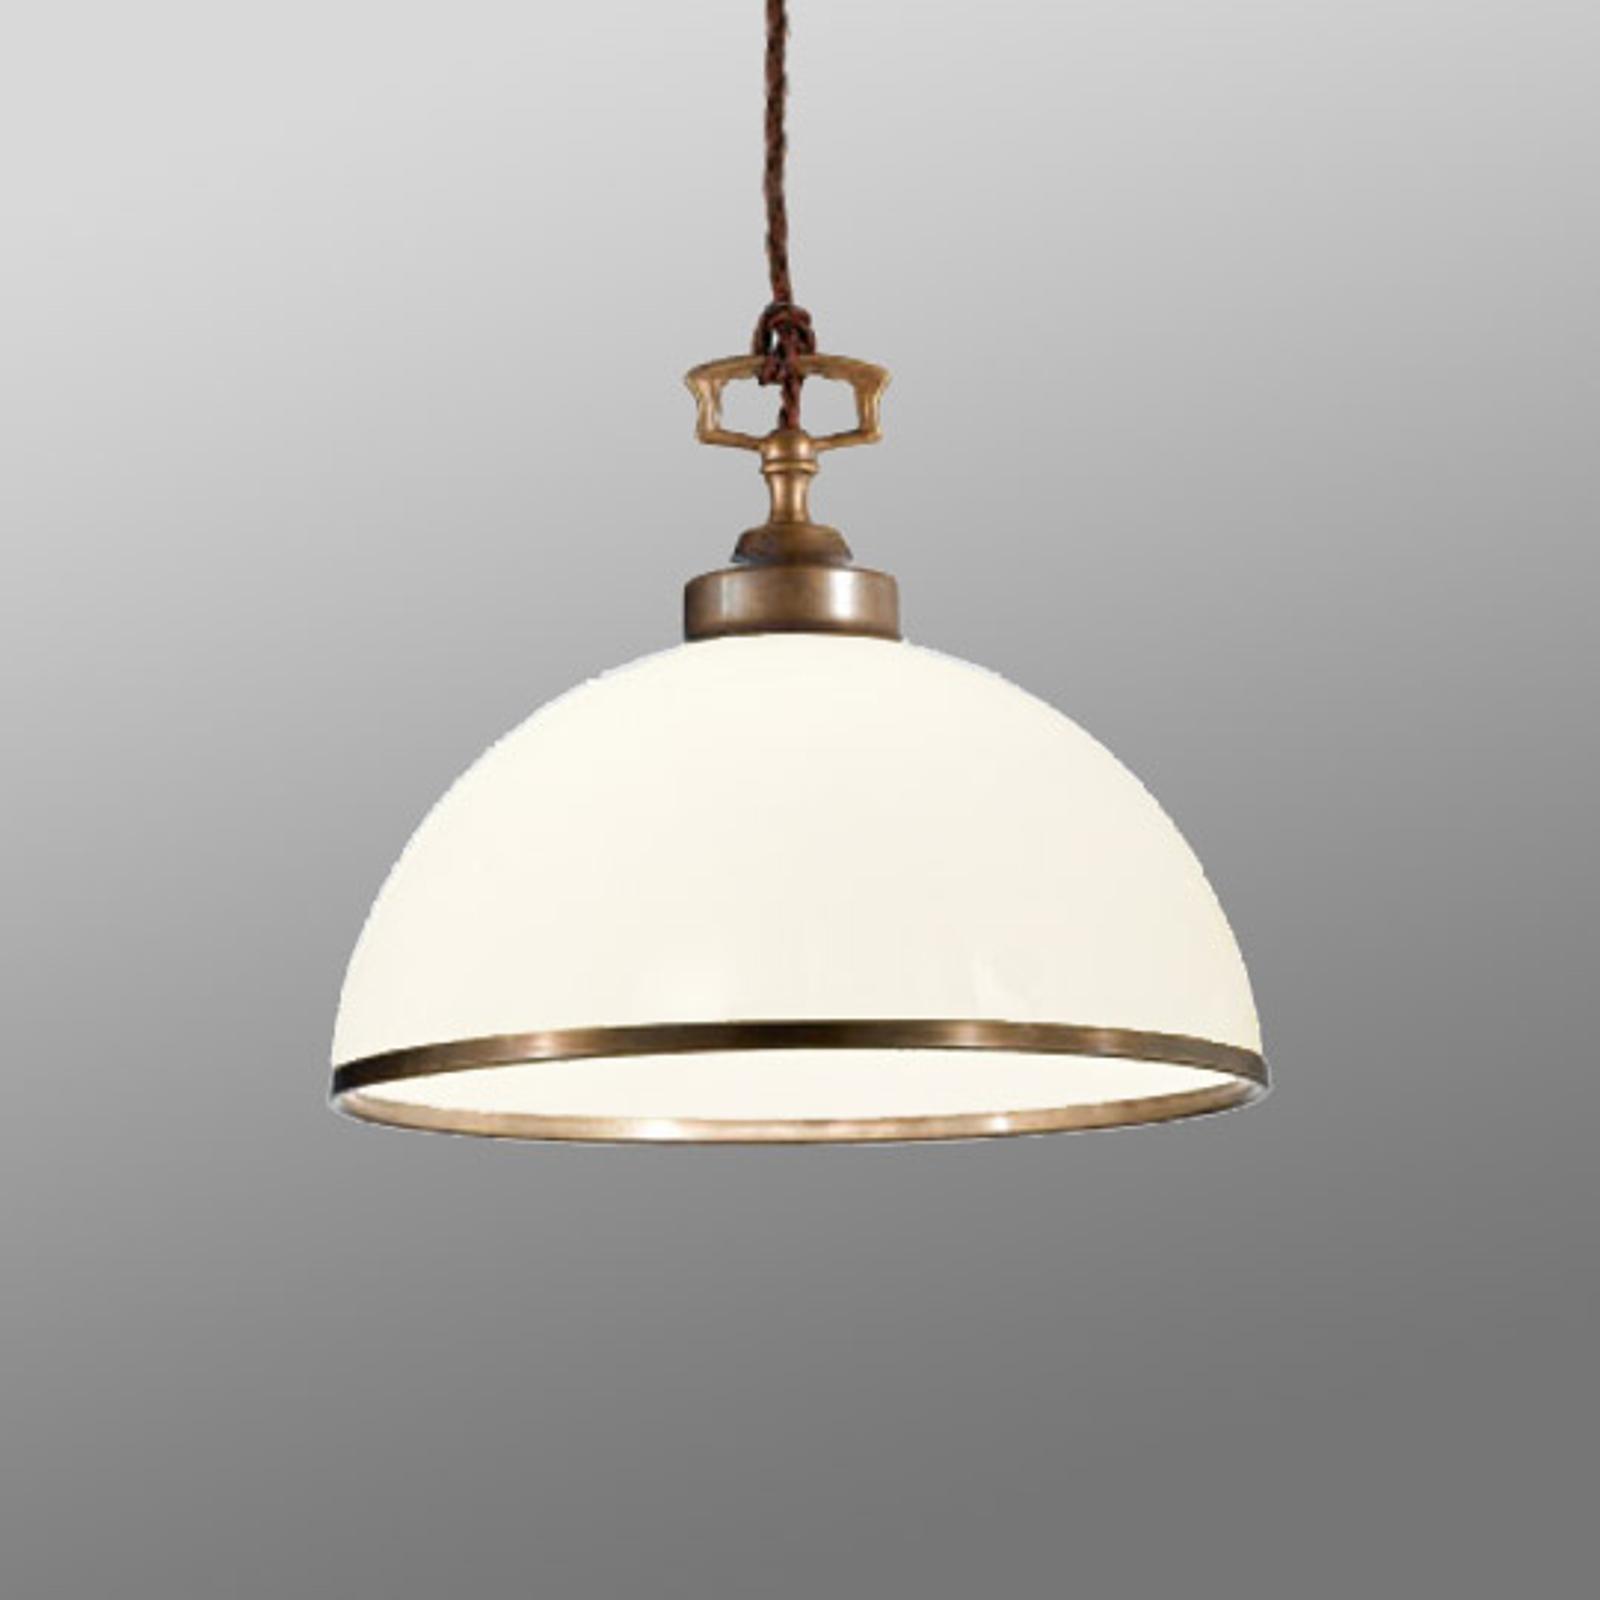 Mooi gevormde hanglamp La Botte wit